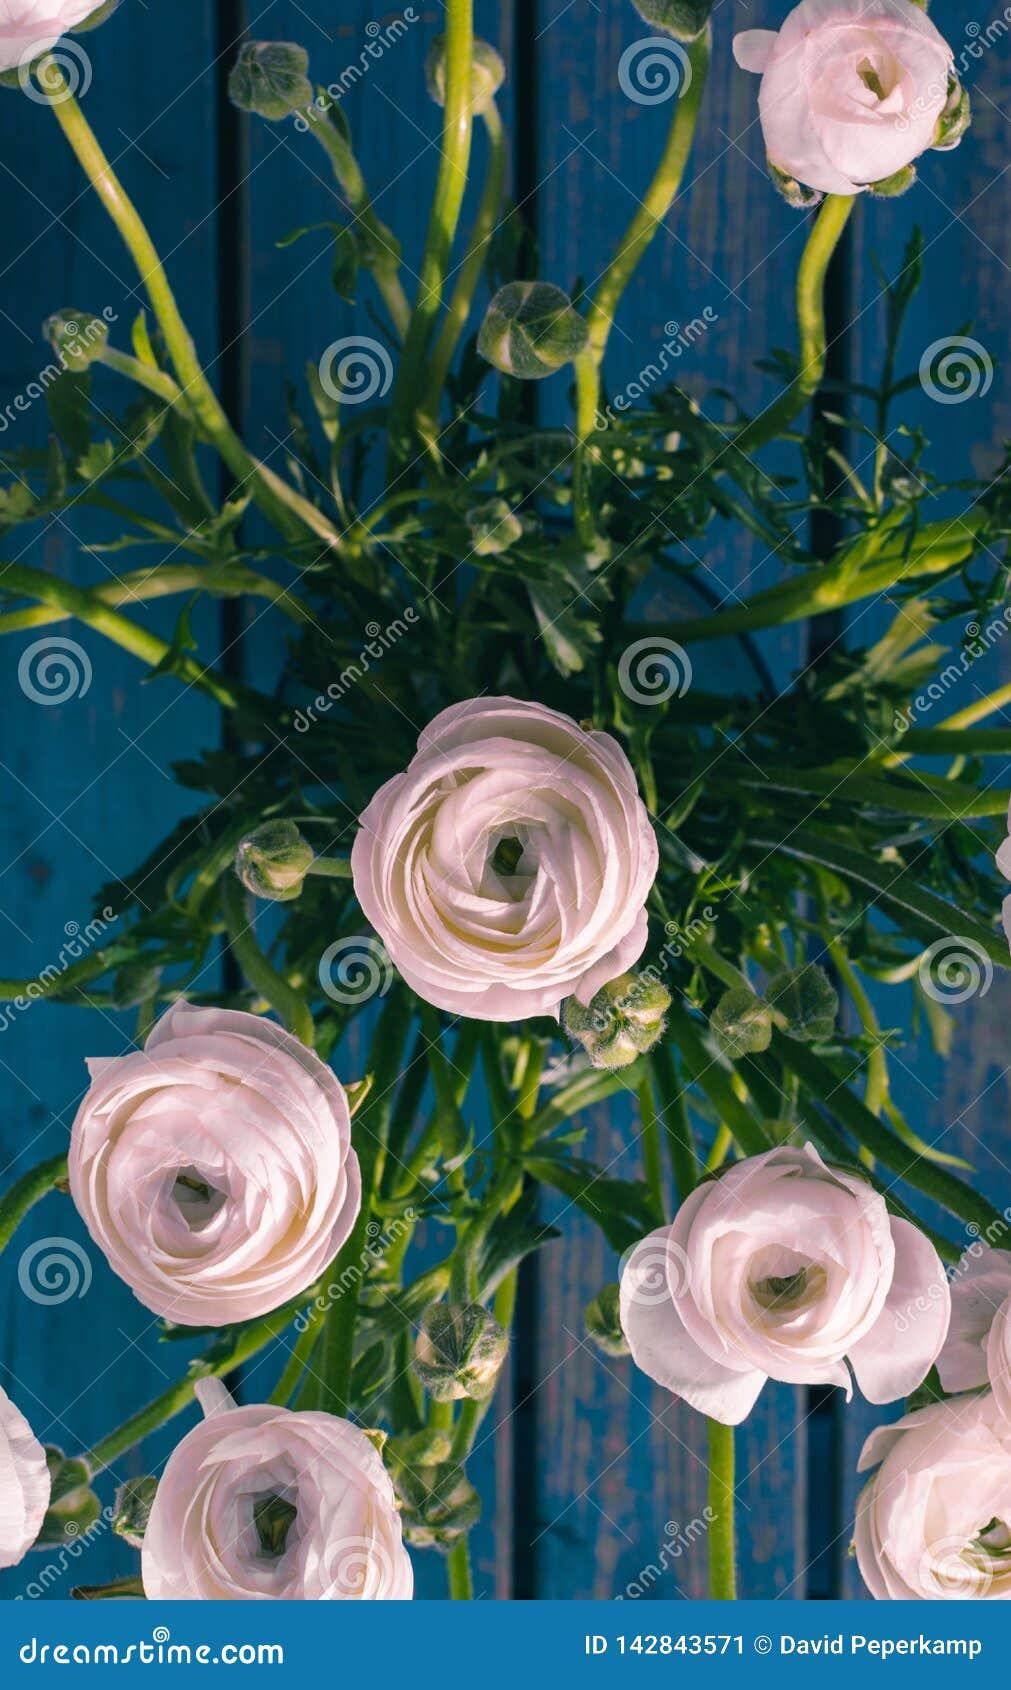 Wit/roze/Ranonkels/Ranunculus/Bloemen/Bloemen/Perzische Boterbloem